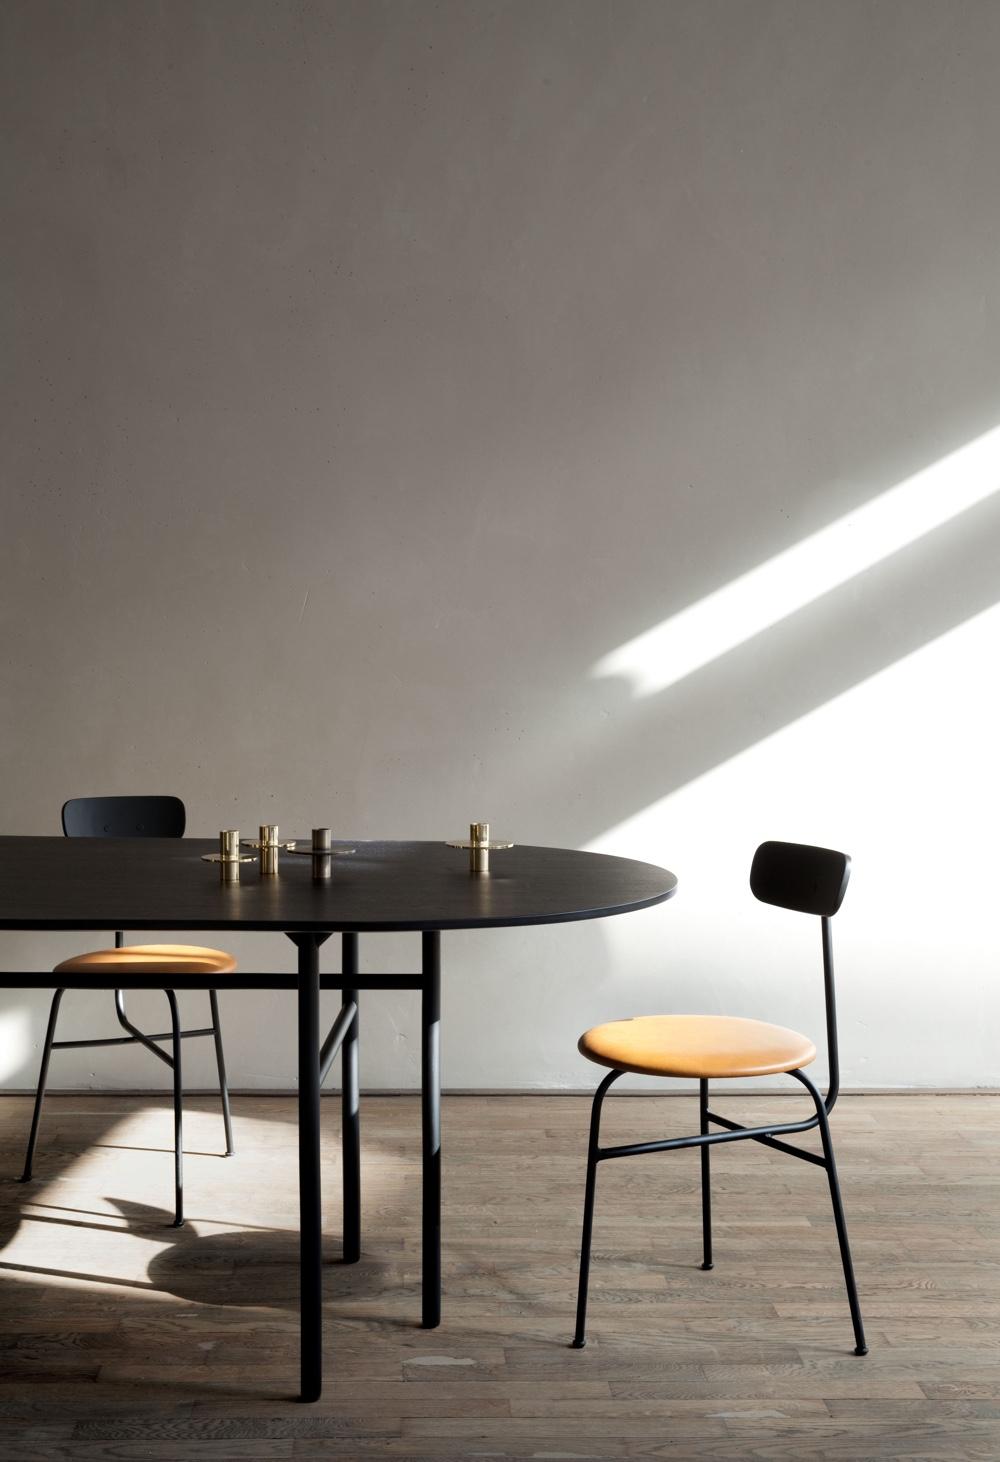 Принципы модернизма - необычные стулья